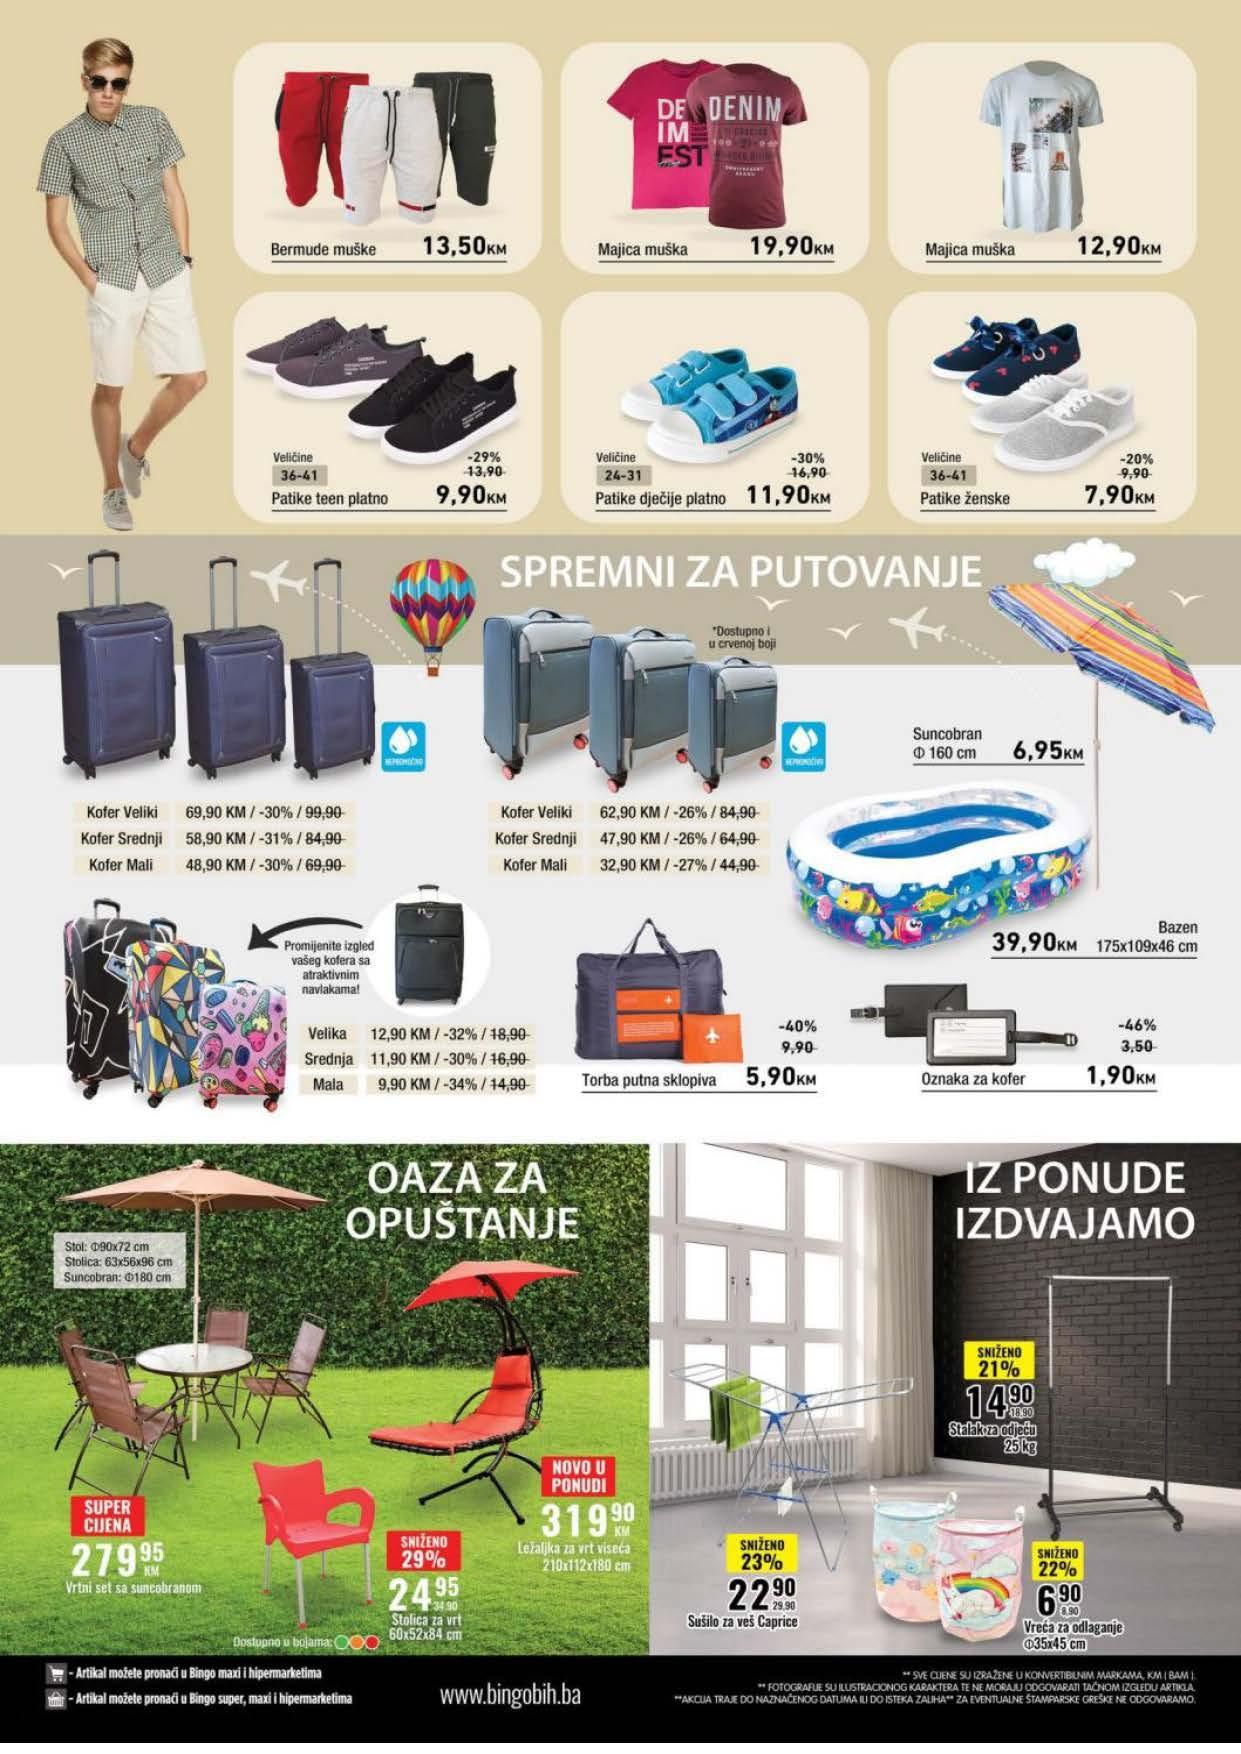 BINGO Katalog Kataloska akcija JUN 2021 01.06.2021. 13.06.2021 ekatalozi.com PR Page 16